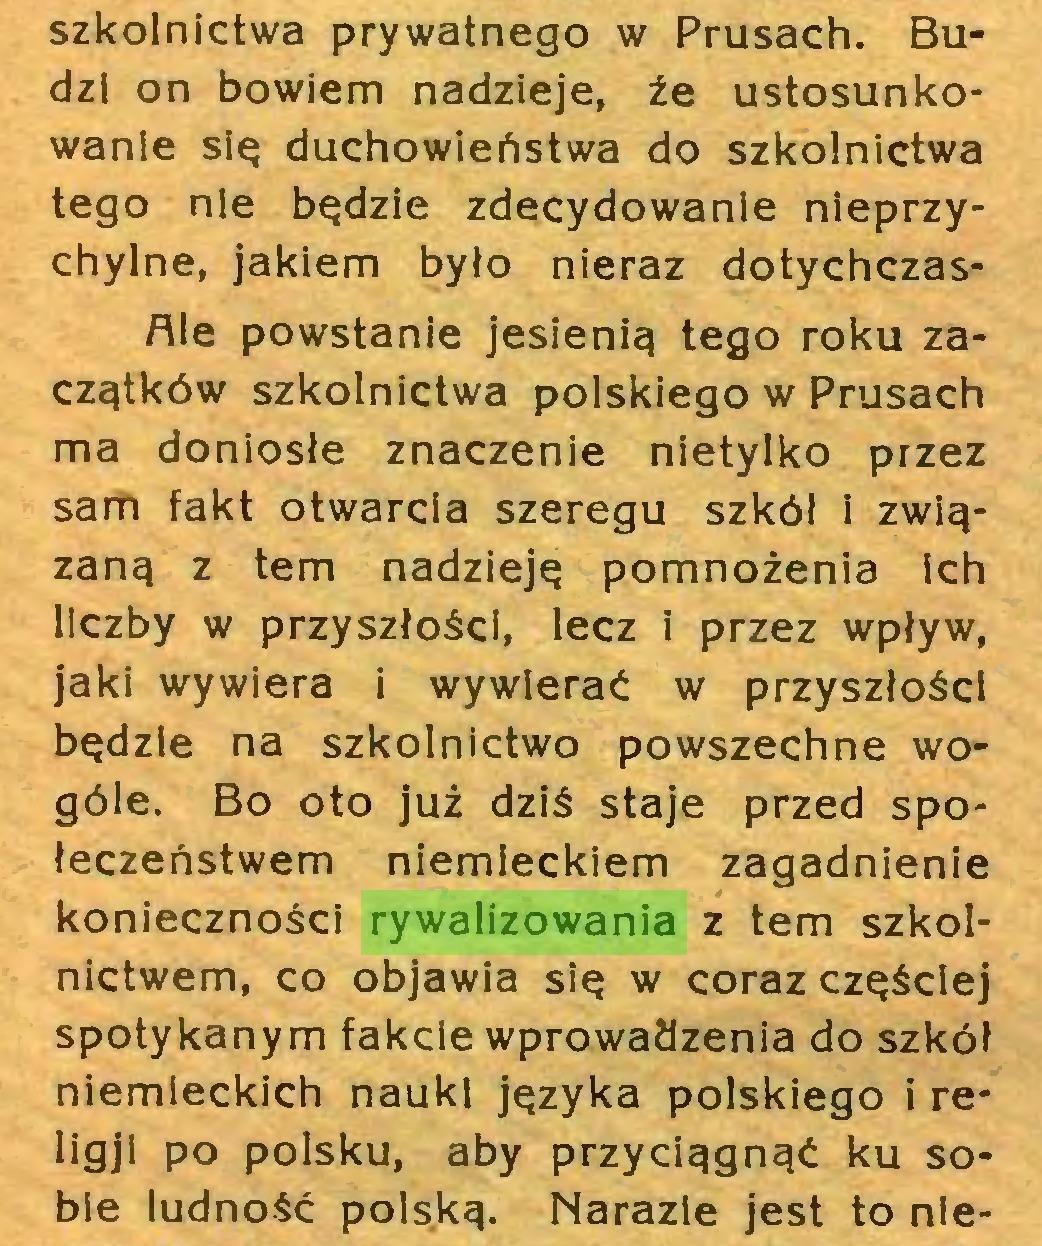 (...) szkolnictwa prywatnego w Prusach. Budzi on bowiem nadzieje, że ustosunkowanie się duchowieństwa do szkolnictwa tego nie będzie zdecydowanie nieprzychylne, jakiem było nieraz dotychczasAle powstanie jesienią tego roku zaczątków szkolnictwa polskiego w Prusach ma doniosłe znaczenie nietylko przez sam fakt otwarcia szeregu szkół i związaną z tern nadzieję pomnożenia ich liczby w przyszłości, lecz i przez wpływ, jaki wywiera i wywierać w przyszłości będzie na szkolnictwo powszechne wogóle. Bo oto już dziś staje przed społeczeństwem niemieckiem zagadnienie konieczności rywalizowania z tern szkolnictwem, co objawia się w coraz częściej spotykanym fakcie wprowadzenia do szkół niemieckich nauki języka polskiego i religji po polsku, aby przyciągnąć ku sobie ludność polską. Narazle jest to nie...